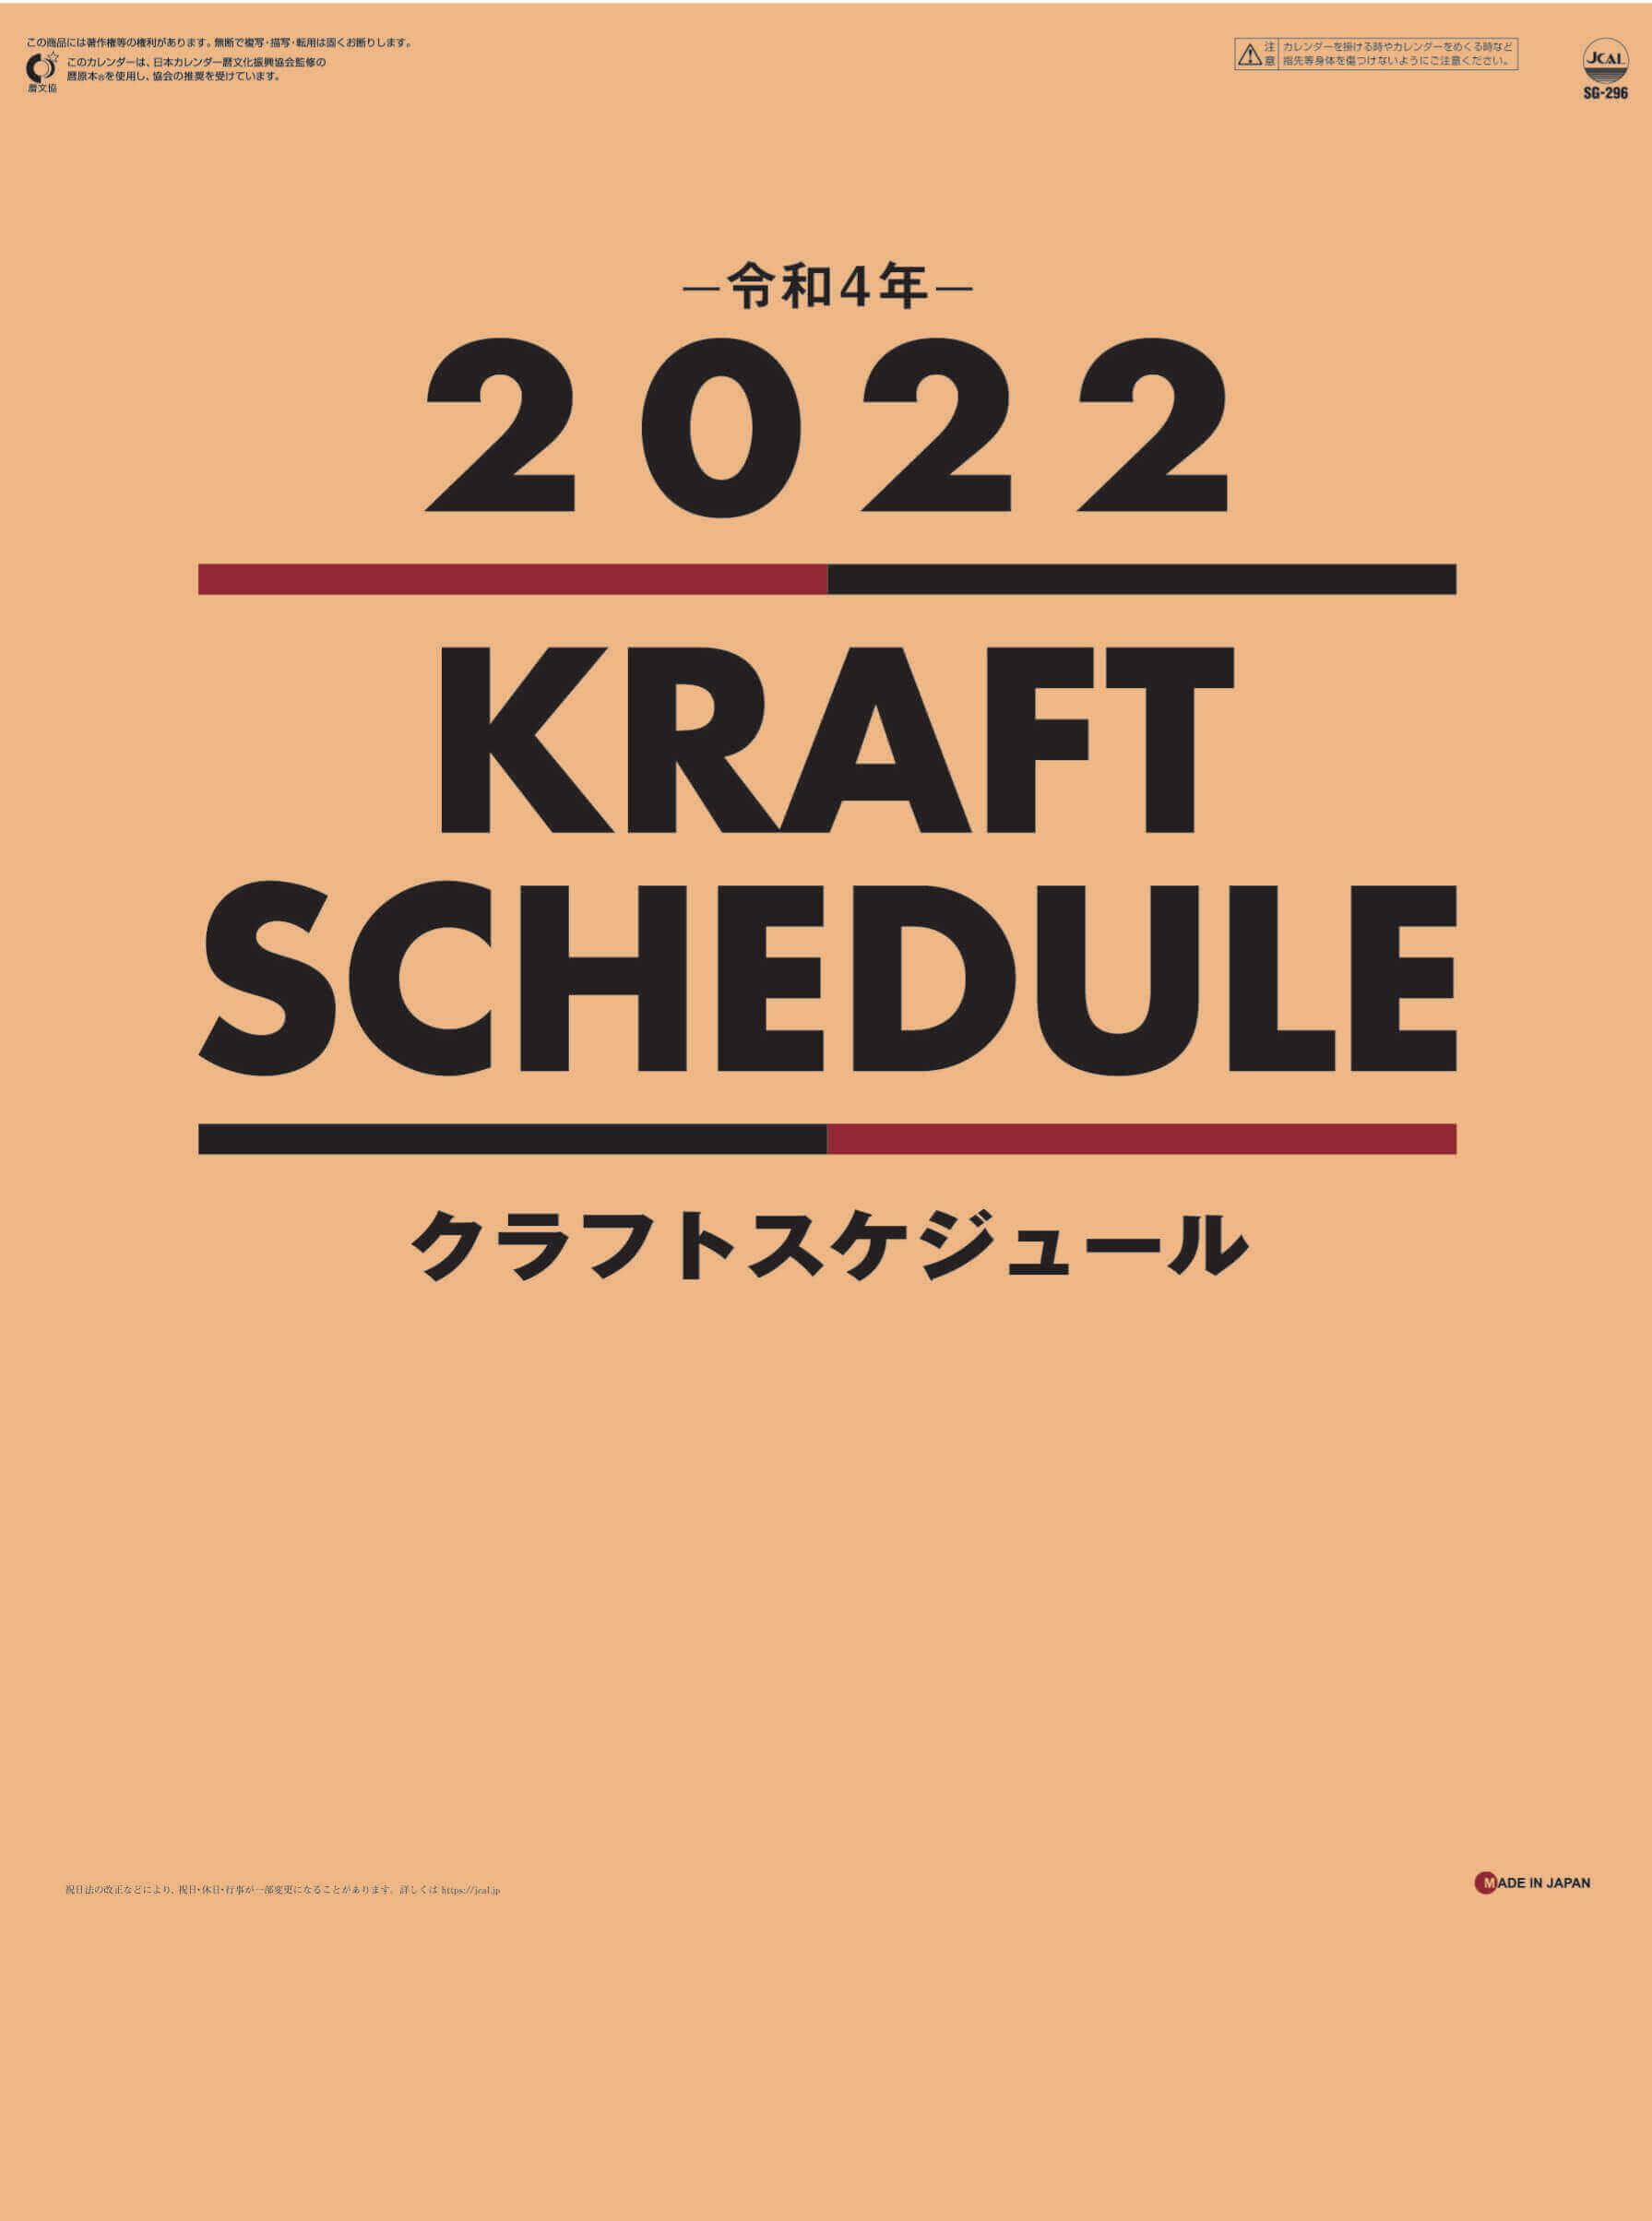 クラフトスケジュール 2022年カレンダーの画像